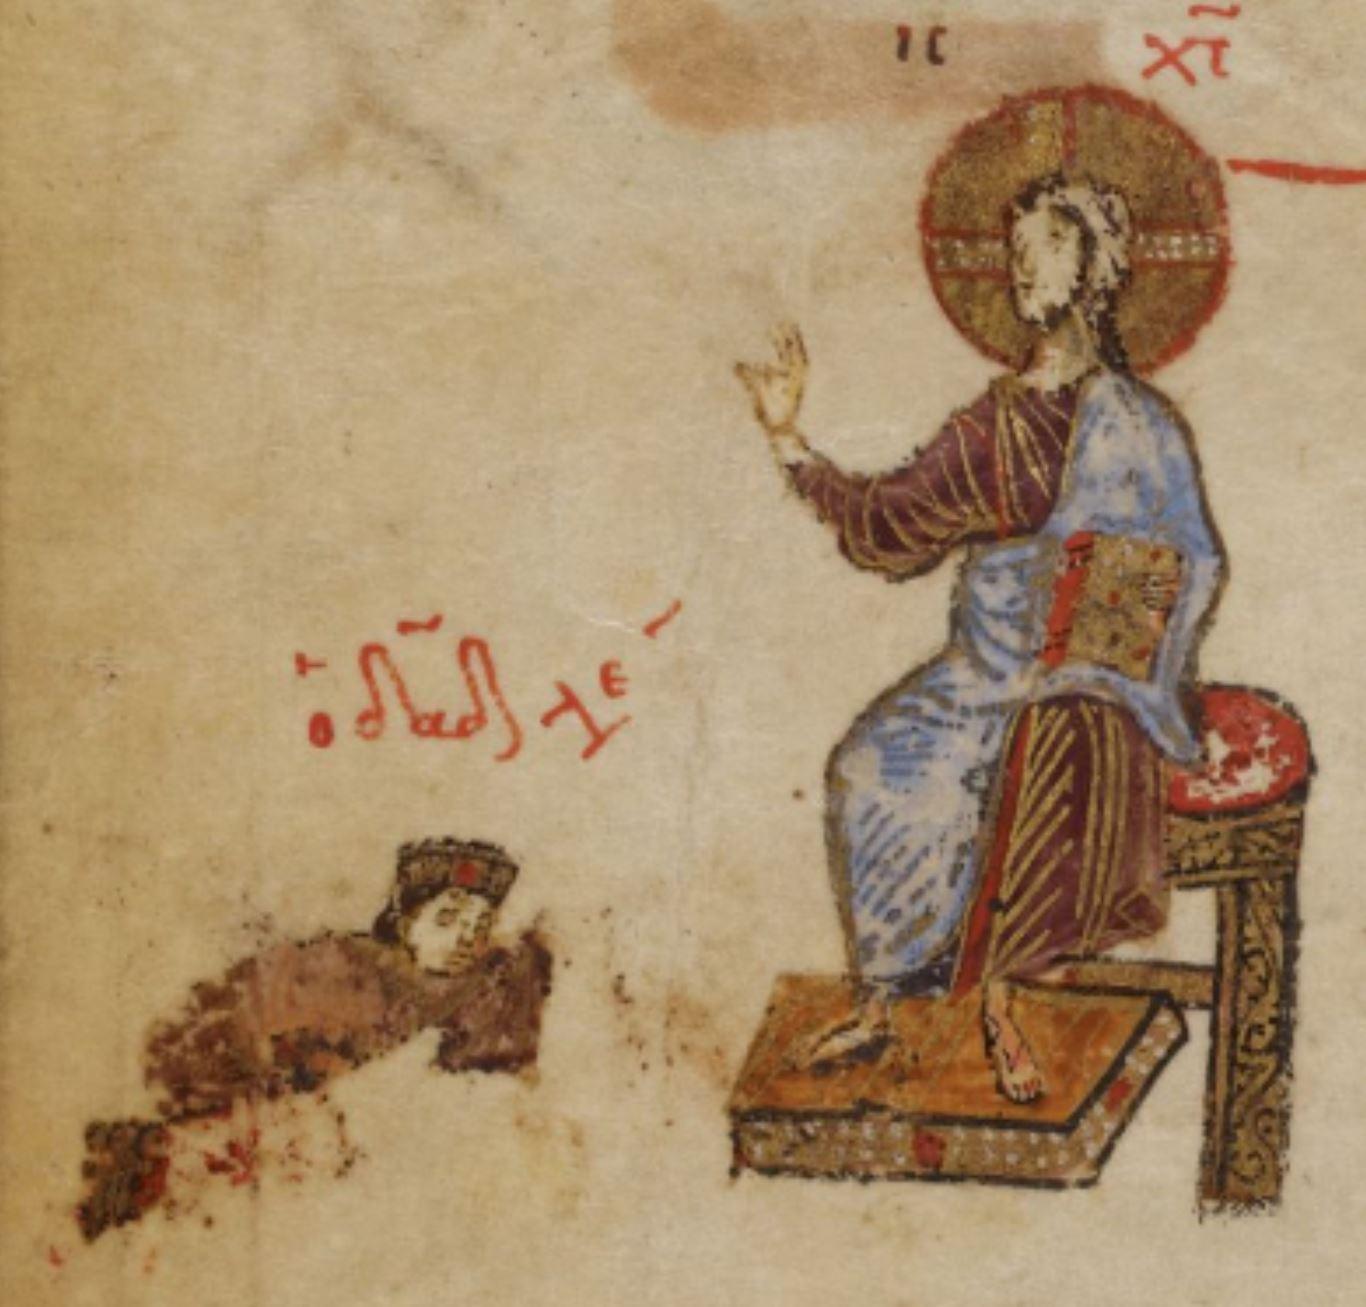 1066 Psautier theodore David at Christ's feet. fol 8v BL Add.19352